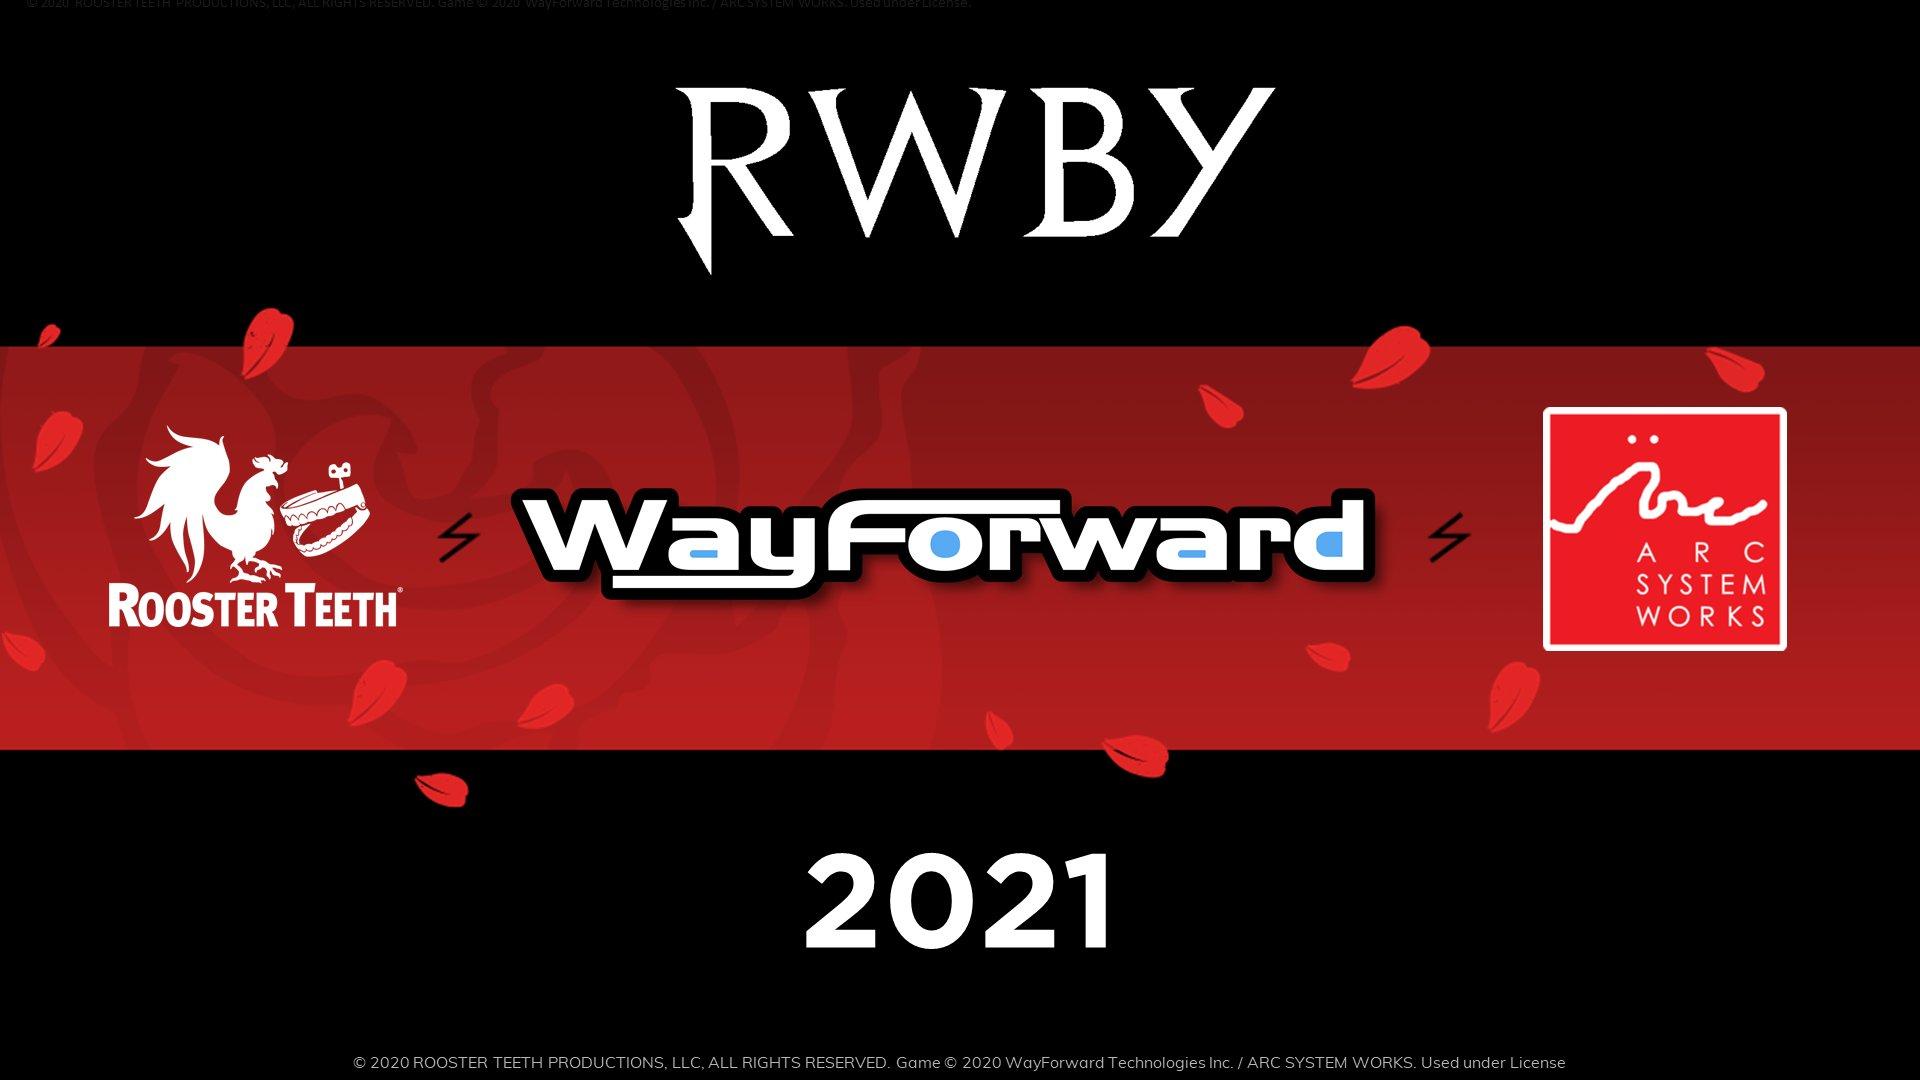 rwby wayforward arc system works 2021 game